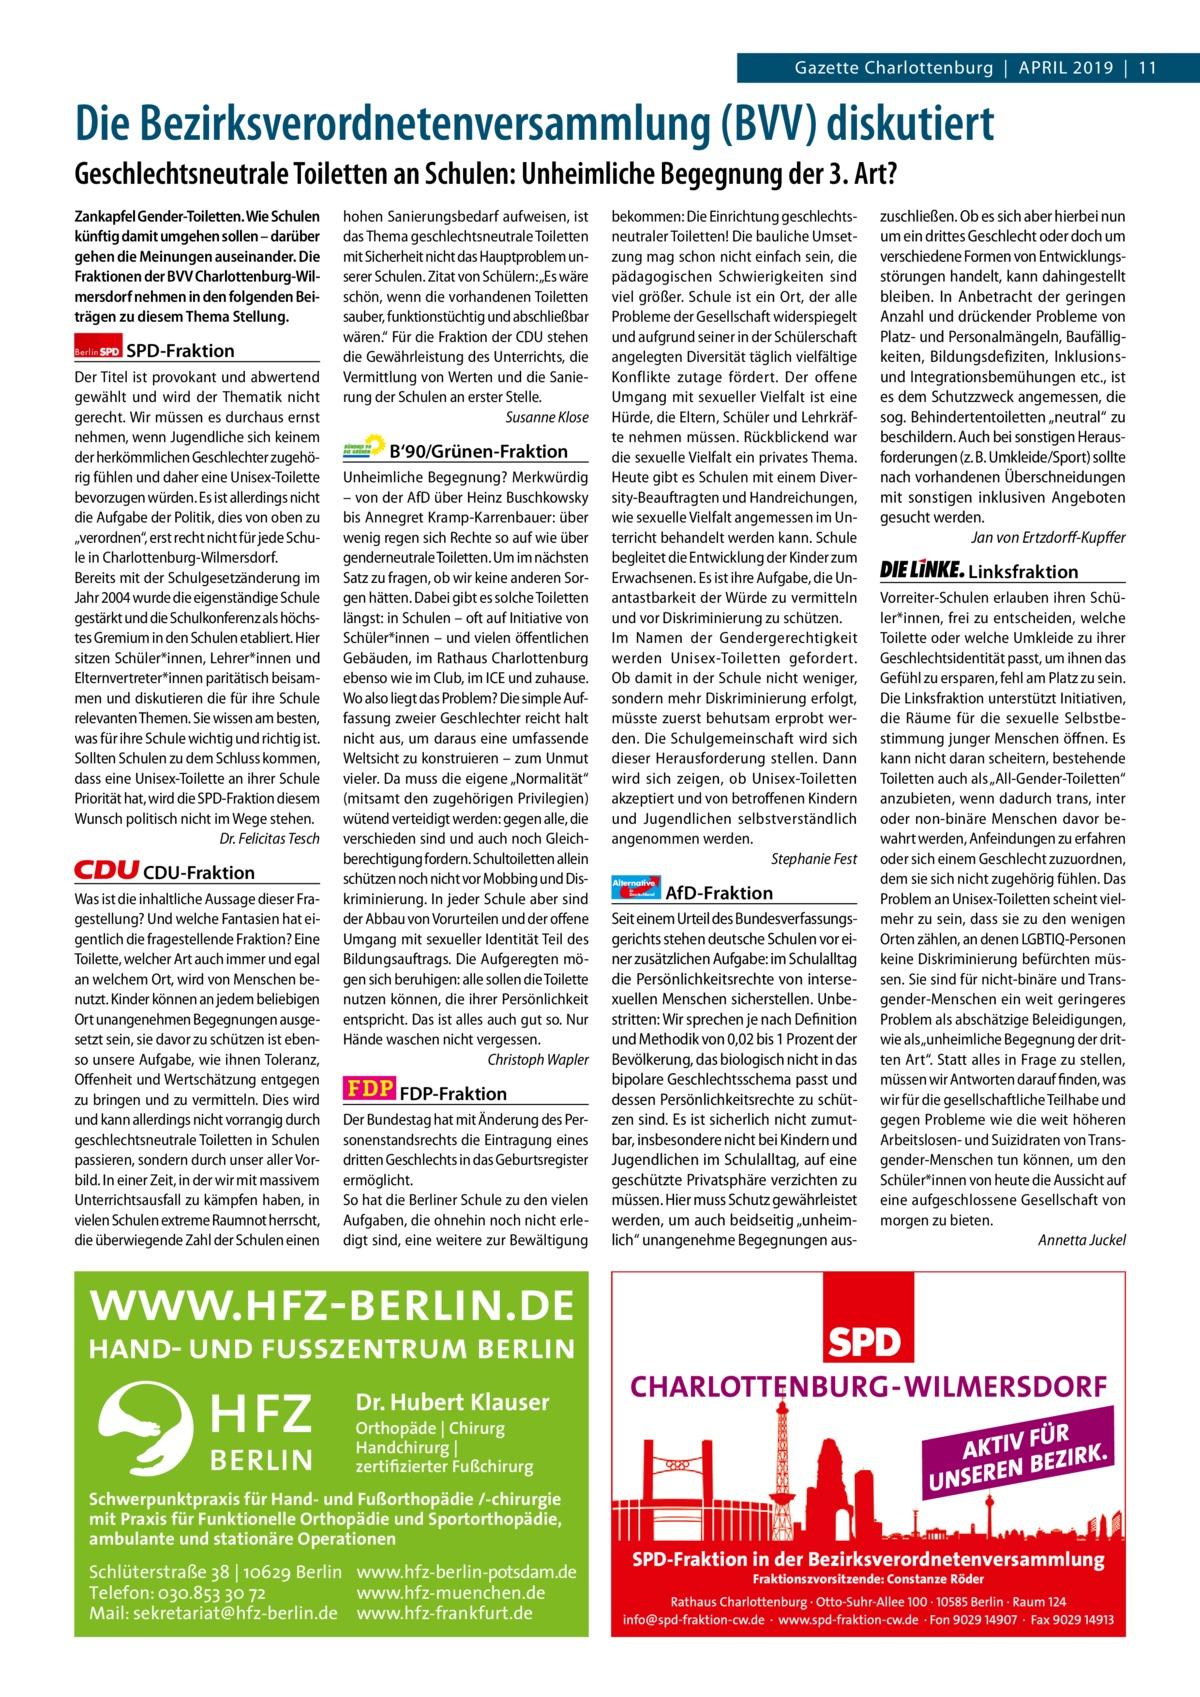 """Gazette Charlottenburg & Wilmersdorf  www.gazette-berlin.de  Gazette Charlottenburg April 2019 11  Die Bezirksverordnetenversammlung (BVV) diskutiert Geschlechtsneutrale Toiletten an Schulen: Unheimliche Begegnung der 3. Art? Zankapfel Gender-Toiletten. Wie Schulen künftig damit umgehen sollen – darüber gehen die Meinungen auseinander. Die Fraktionen der BVV Charlottenburg-Wilmersdorf nehmen in den folgenden Beiträgen zu diesem Thema Stellung. Berlin  SPD-Fraktion  Der Titel ist provokant und abwertend gewählt und wird der Thematik nicht gerecht. Wir müssen es durchaus ernst nehmen, wenn Jugendliche sich keinem der herkömmlichen Geschlechter zugehörig fühlen und daher eine Unisex-Toilette bevorzugen würden. Es ist allerdings nicht die Aufgabe der Politik, dies von oben zu """"verordnen"""", erst recht nicht für jede Schule in Charlottenburg-Wilmersdorf. Bereits mit der Schulgesetzänderung im Jahr 2004 wurde die eigenständige Schule gestärkt und die Schulkonferenz als höchstes Gremium in den Schulen etabliert. Hier sitzen Schüler*innen, Lehrer*innen und Elternvertreter*innen paritätisch beisammen und diskutieren die für ihre Schule relevanten Themen. Sie wissen am besten, was für ihre Schule wichtig und richtig ist. Sollten Schulen zu dem Schluss kommen, dass eine Unisex-Toilette an ihrer Schule Priorität hat, wird die SPD-Fraktion diesem Wunsch politisch nicht im Wege stehen. Dr.Felicitas Tesch  CDU-Fraktion Was ist die inhaltliche Aussage dieser Fragestellung? Und welche Fantasien hat eigentlich die fragestellende Fraktion? Eine Toilette, welcher Art auch immer und egal an welchem Ort, wird von Menschen benutzt. Kinder können an jedem beliebigen Ort unangenehmen Begegnungen ausgesetzt sein, sie davor zu schützen ist ebenso unsere Aufgabe, wie ihnen Toleranz, Offenheit und Wertschätzung entgegen zu bringen und zu vermitteln. Dies wird und kann allerdings nicht vorrangig durch geschlechtsneutrale Toiletten in Schulen passieren, sondern durch unser aller Vorbild. In einer Z"""